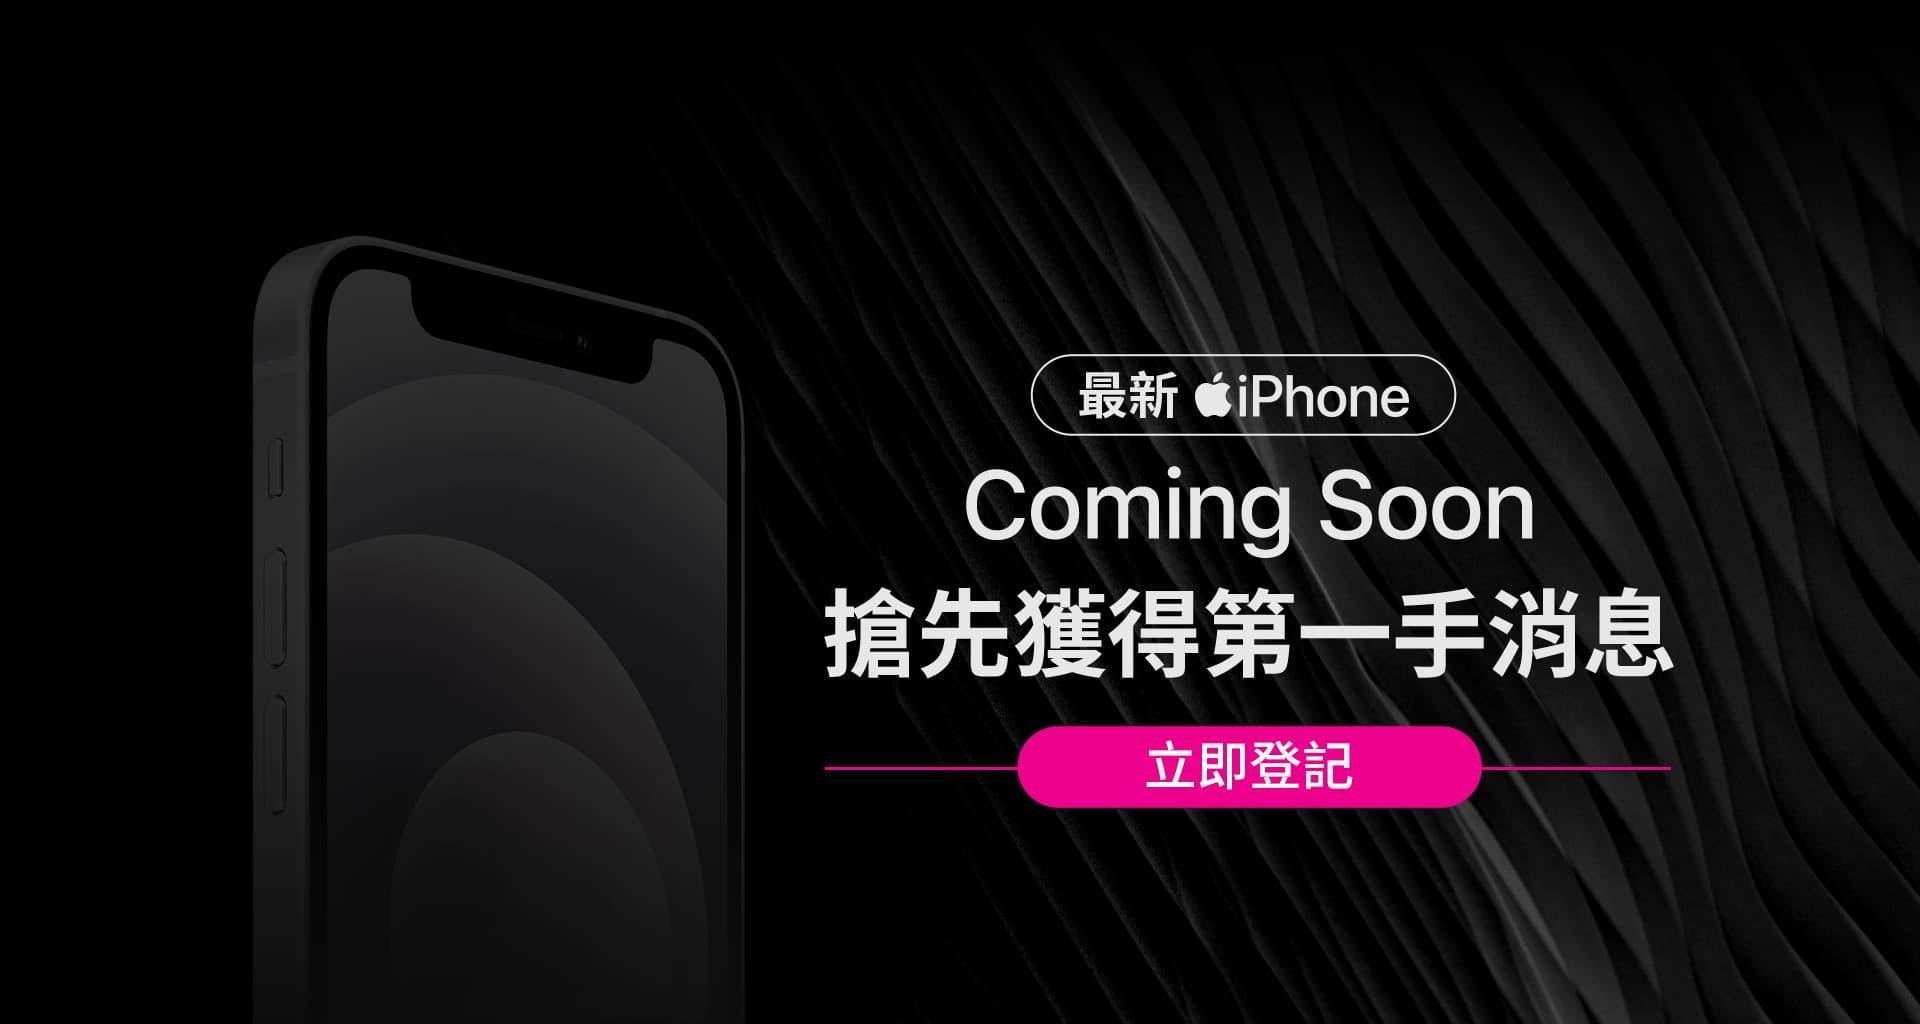 台灣之星預購iPhone 13活動